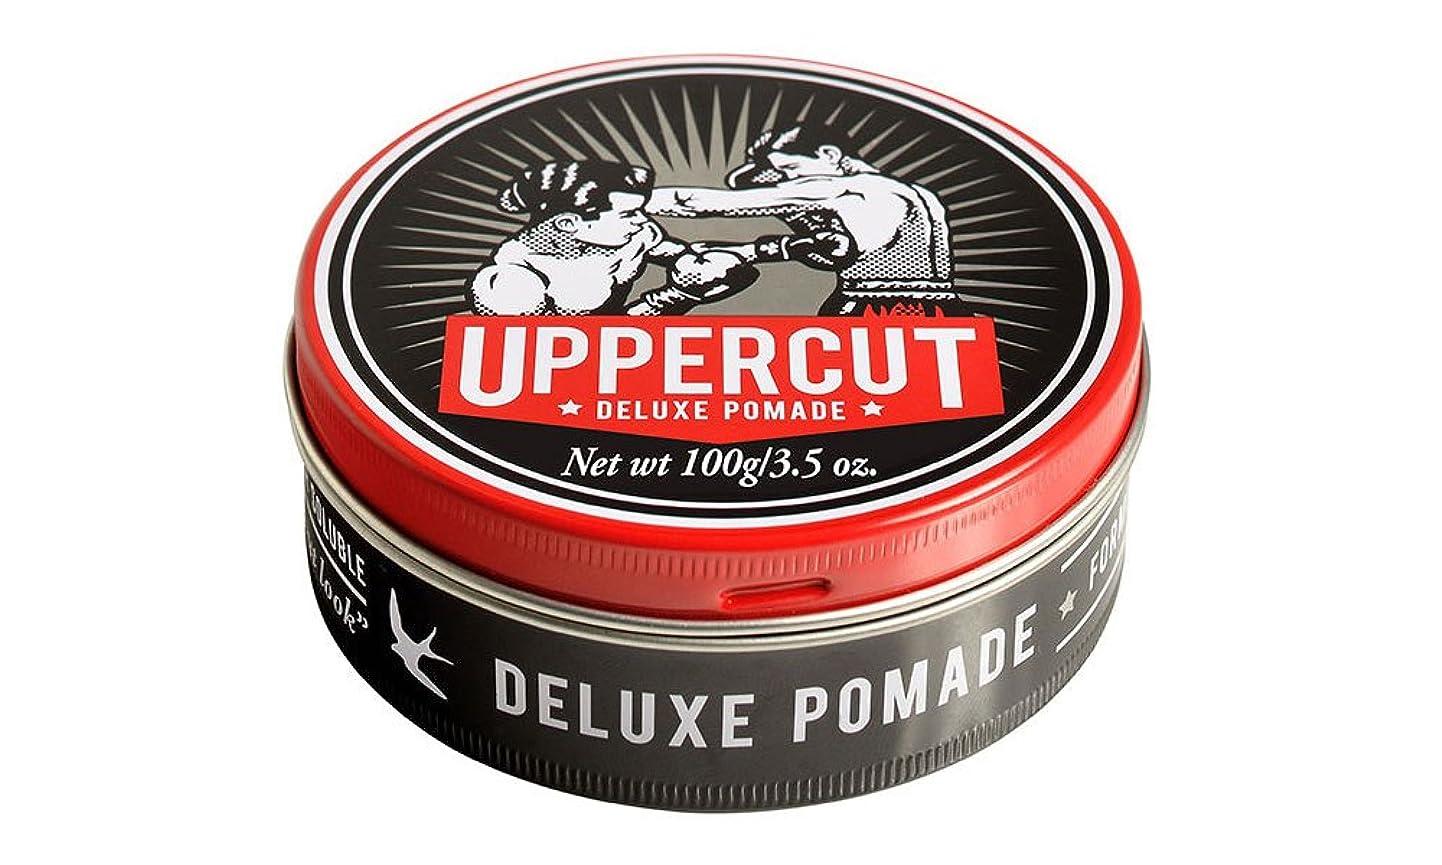 アルファベット順ピボット圧力UPPERCUT DELUXE(アッパーカットデラックス) DELUXE POMADE 水性ポマード グリース 男性用 ツヤあり 香りココナッツ 100g